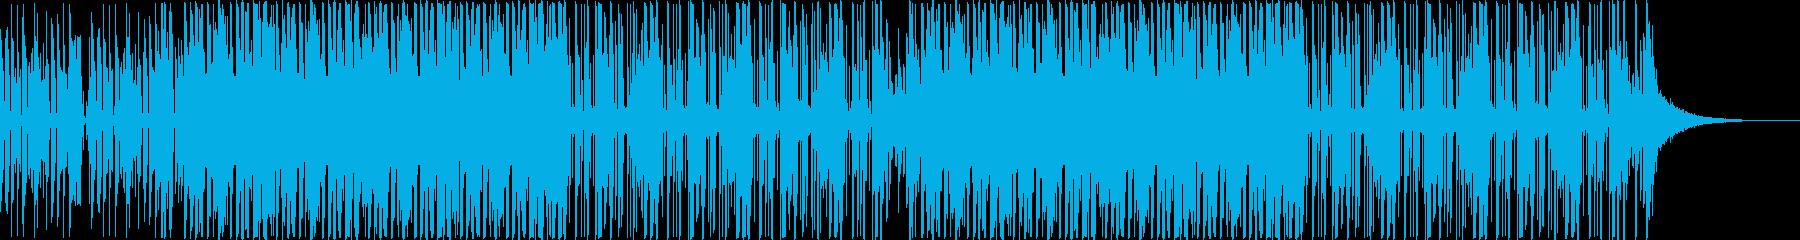 エレキギターがかっこいいファンクBGMの再生済みの波形